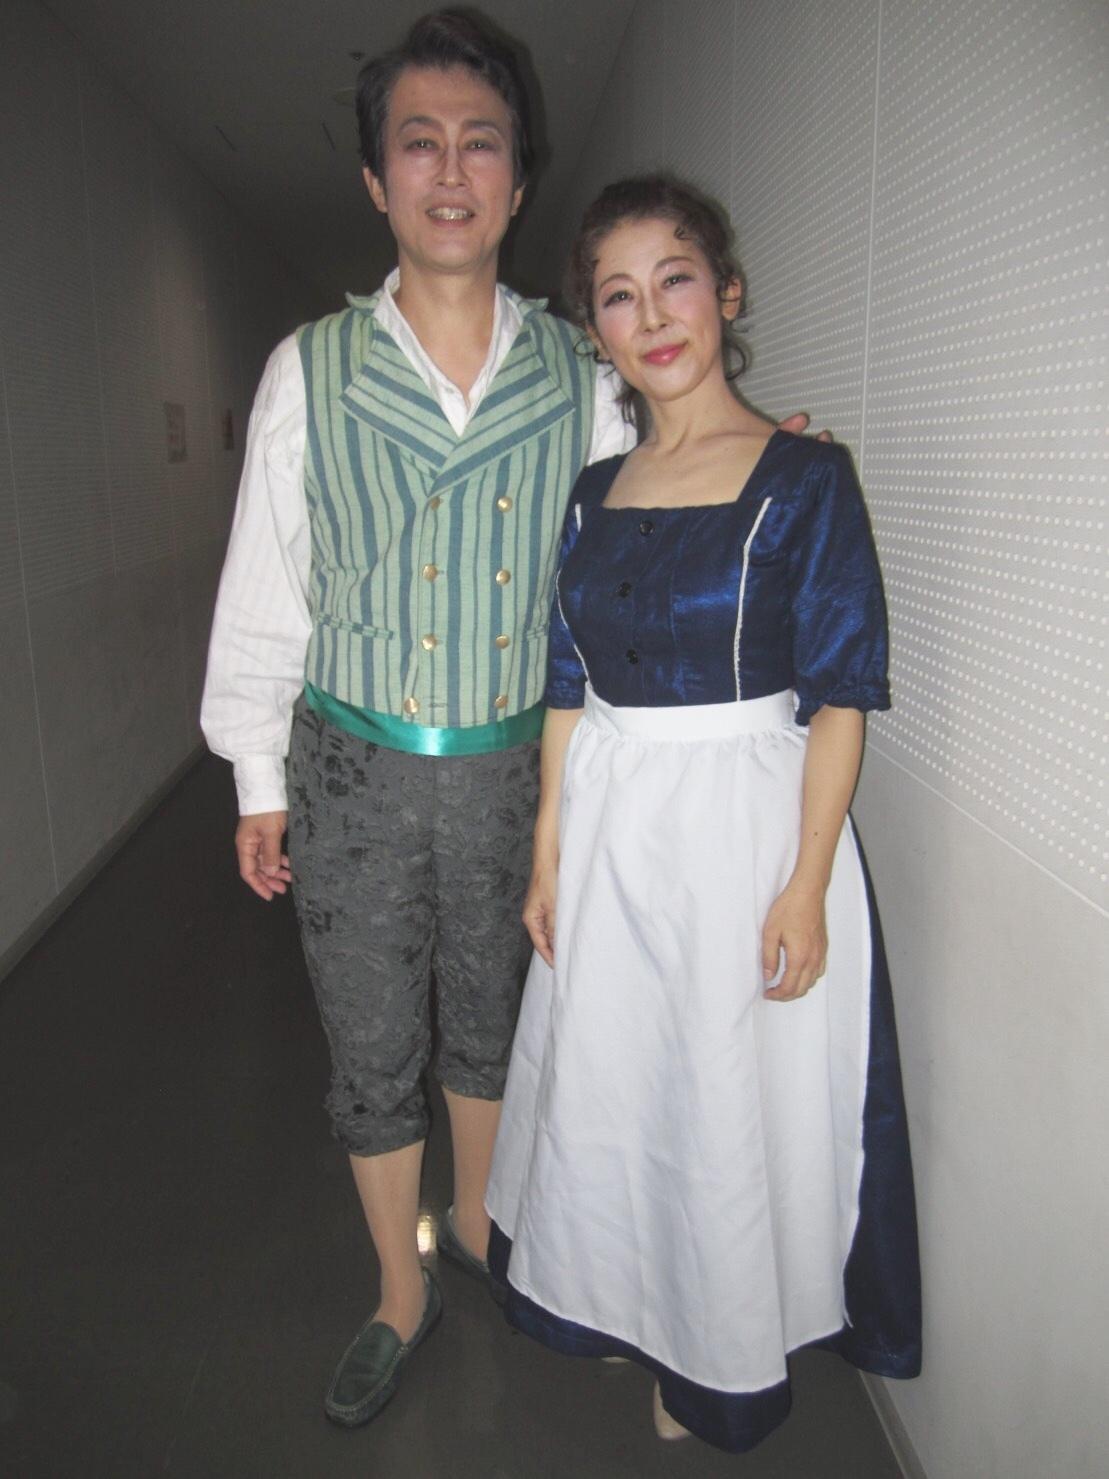 オペラ「フィガロの結婚」終了_f0144003_09424870.jpeg